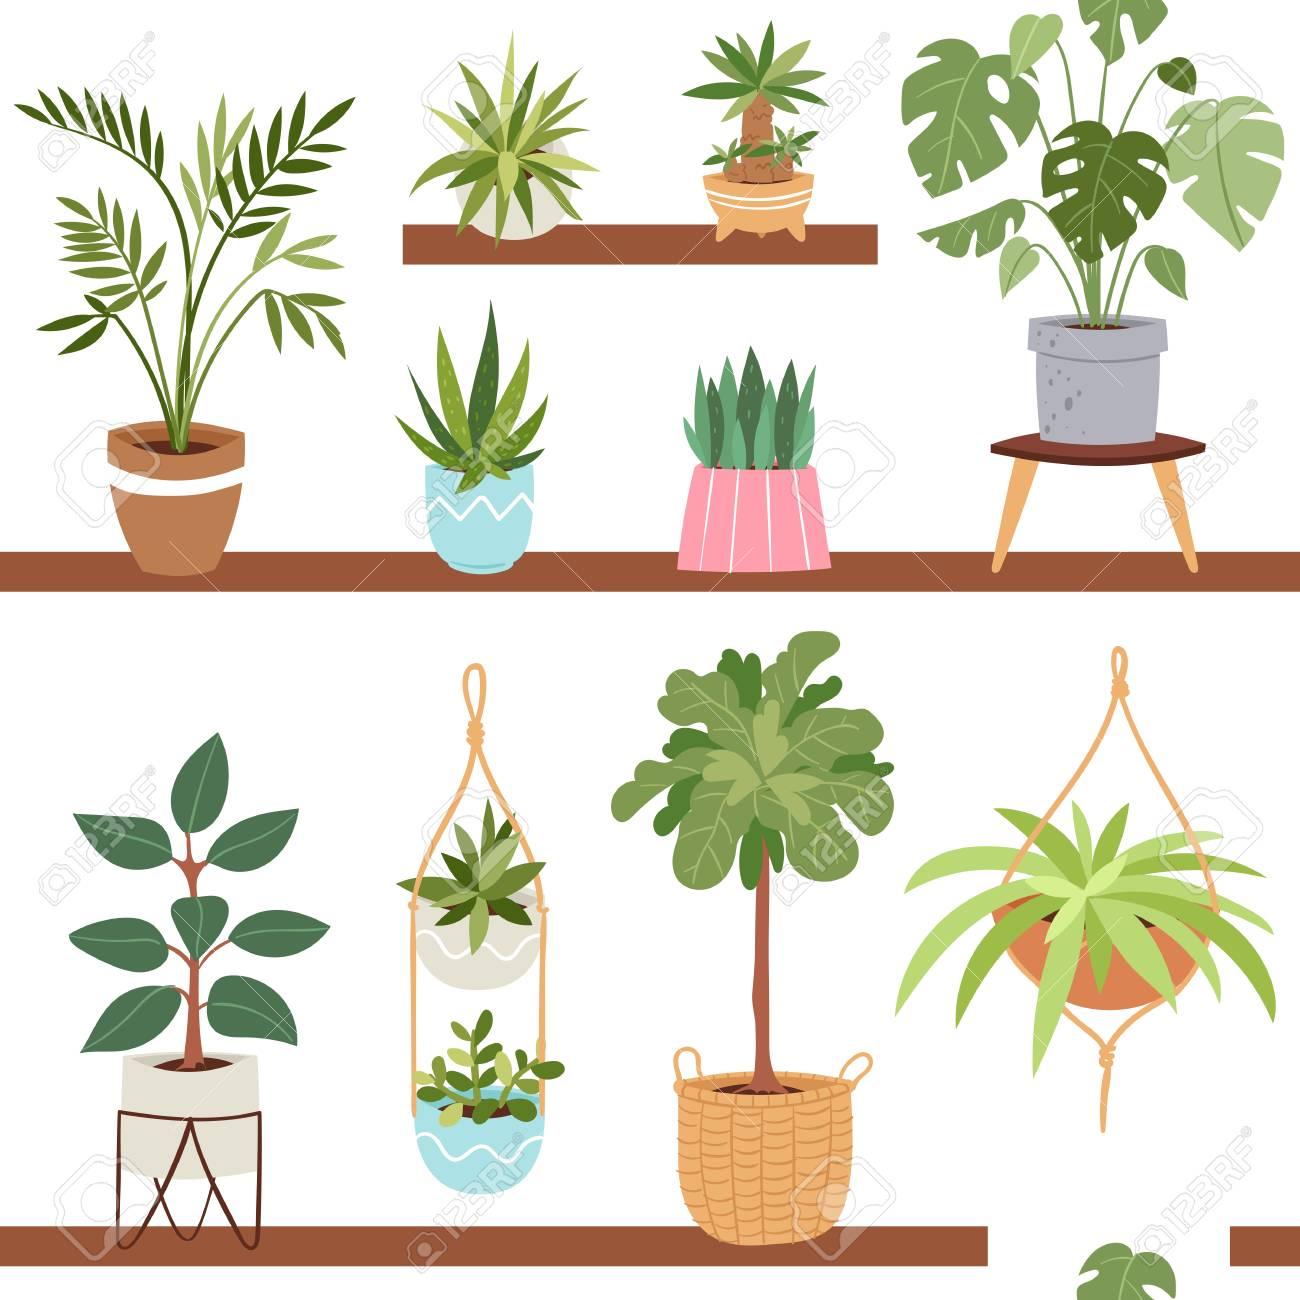 Casa Interior Vector Plantas Y Naturaleza Flores Caseras En Maceta - Flores-interior